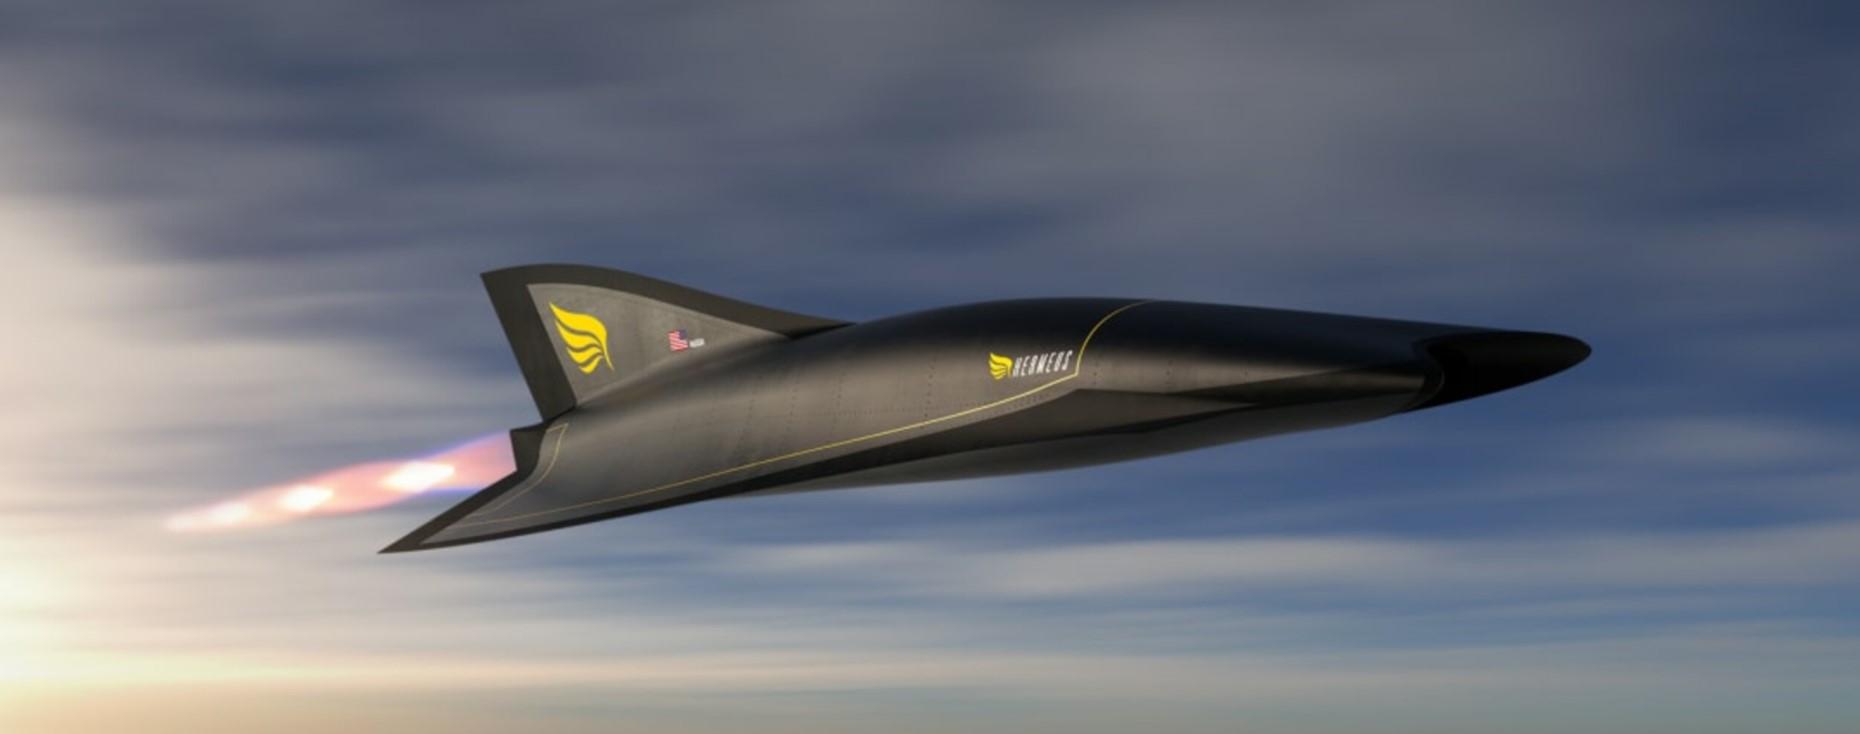 Λονδίνο - Νέα Υόρκη σε 90 λεπτά με 5 Mach: Η τρελή ιδέα που μπορεί να λειτουργήσει